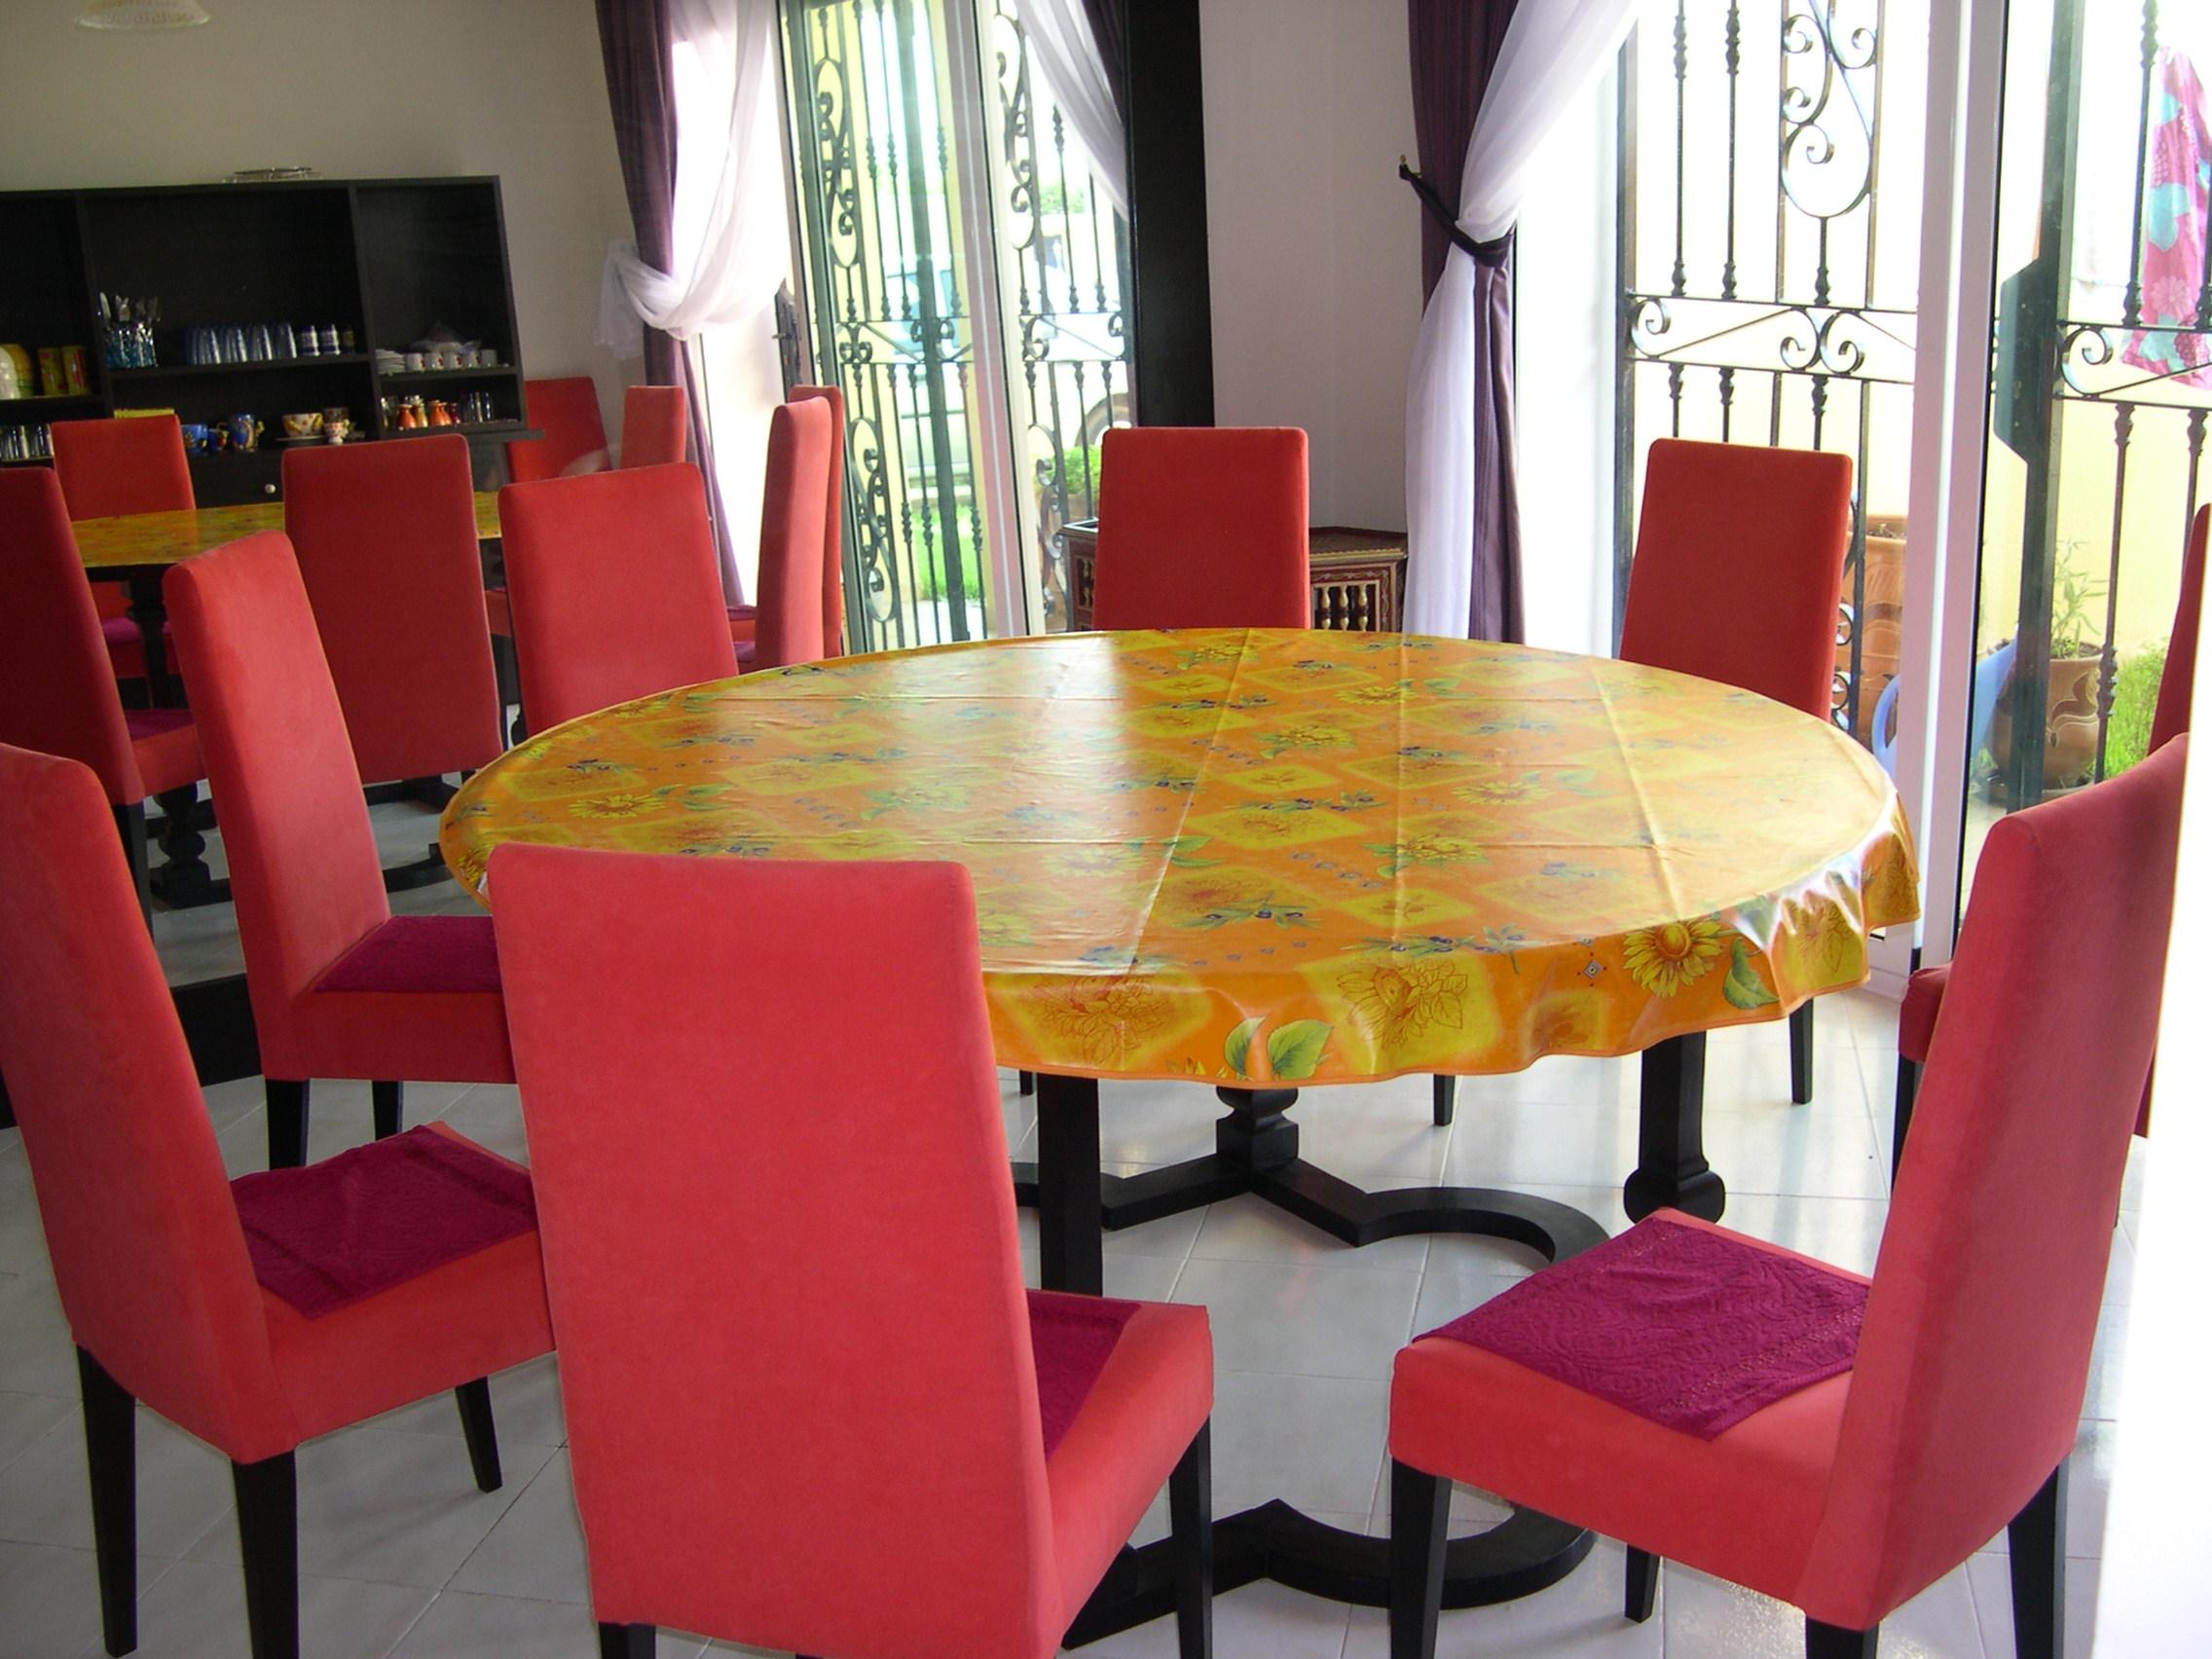 Salle manger vendre maroc for Salle a manger mobilia maroc